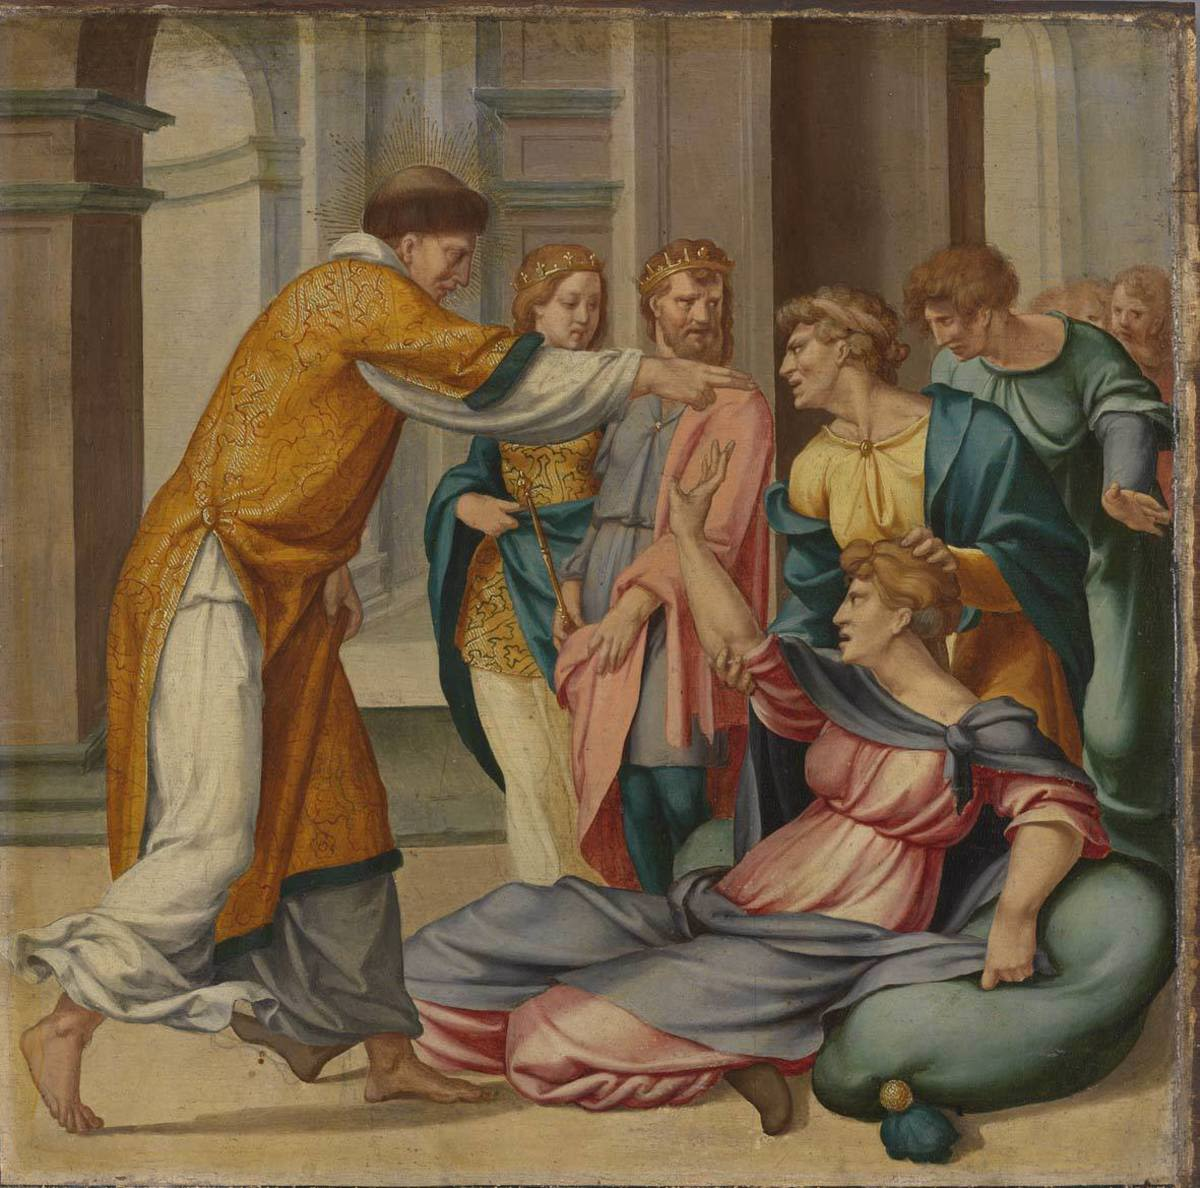 Cyriakus-Folge: Der hl. Cyriakus befreit Jobia vom bösen Geist